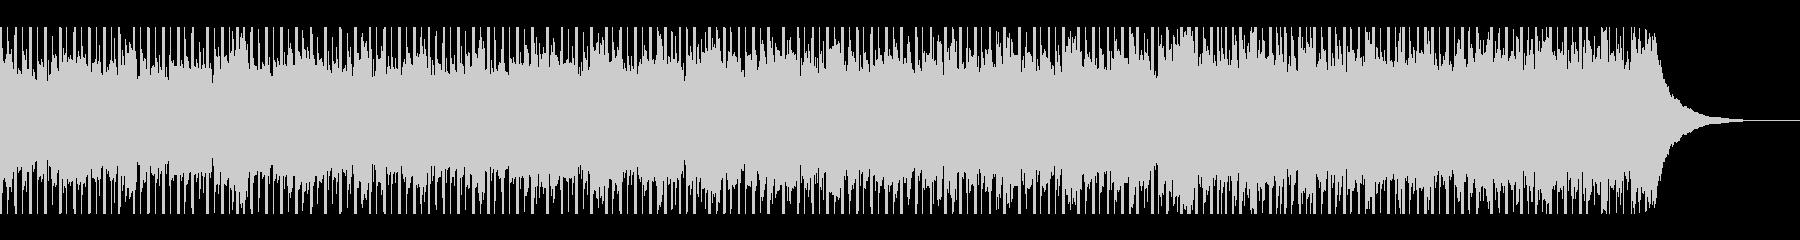 建設工事(60秒)の未再生の波形